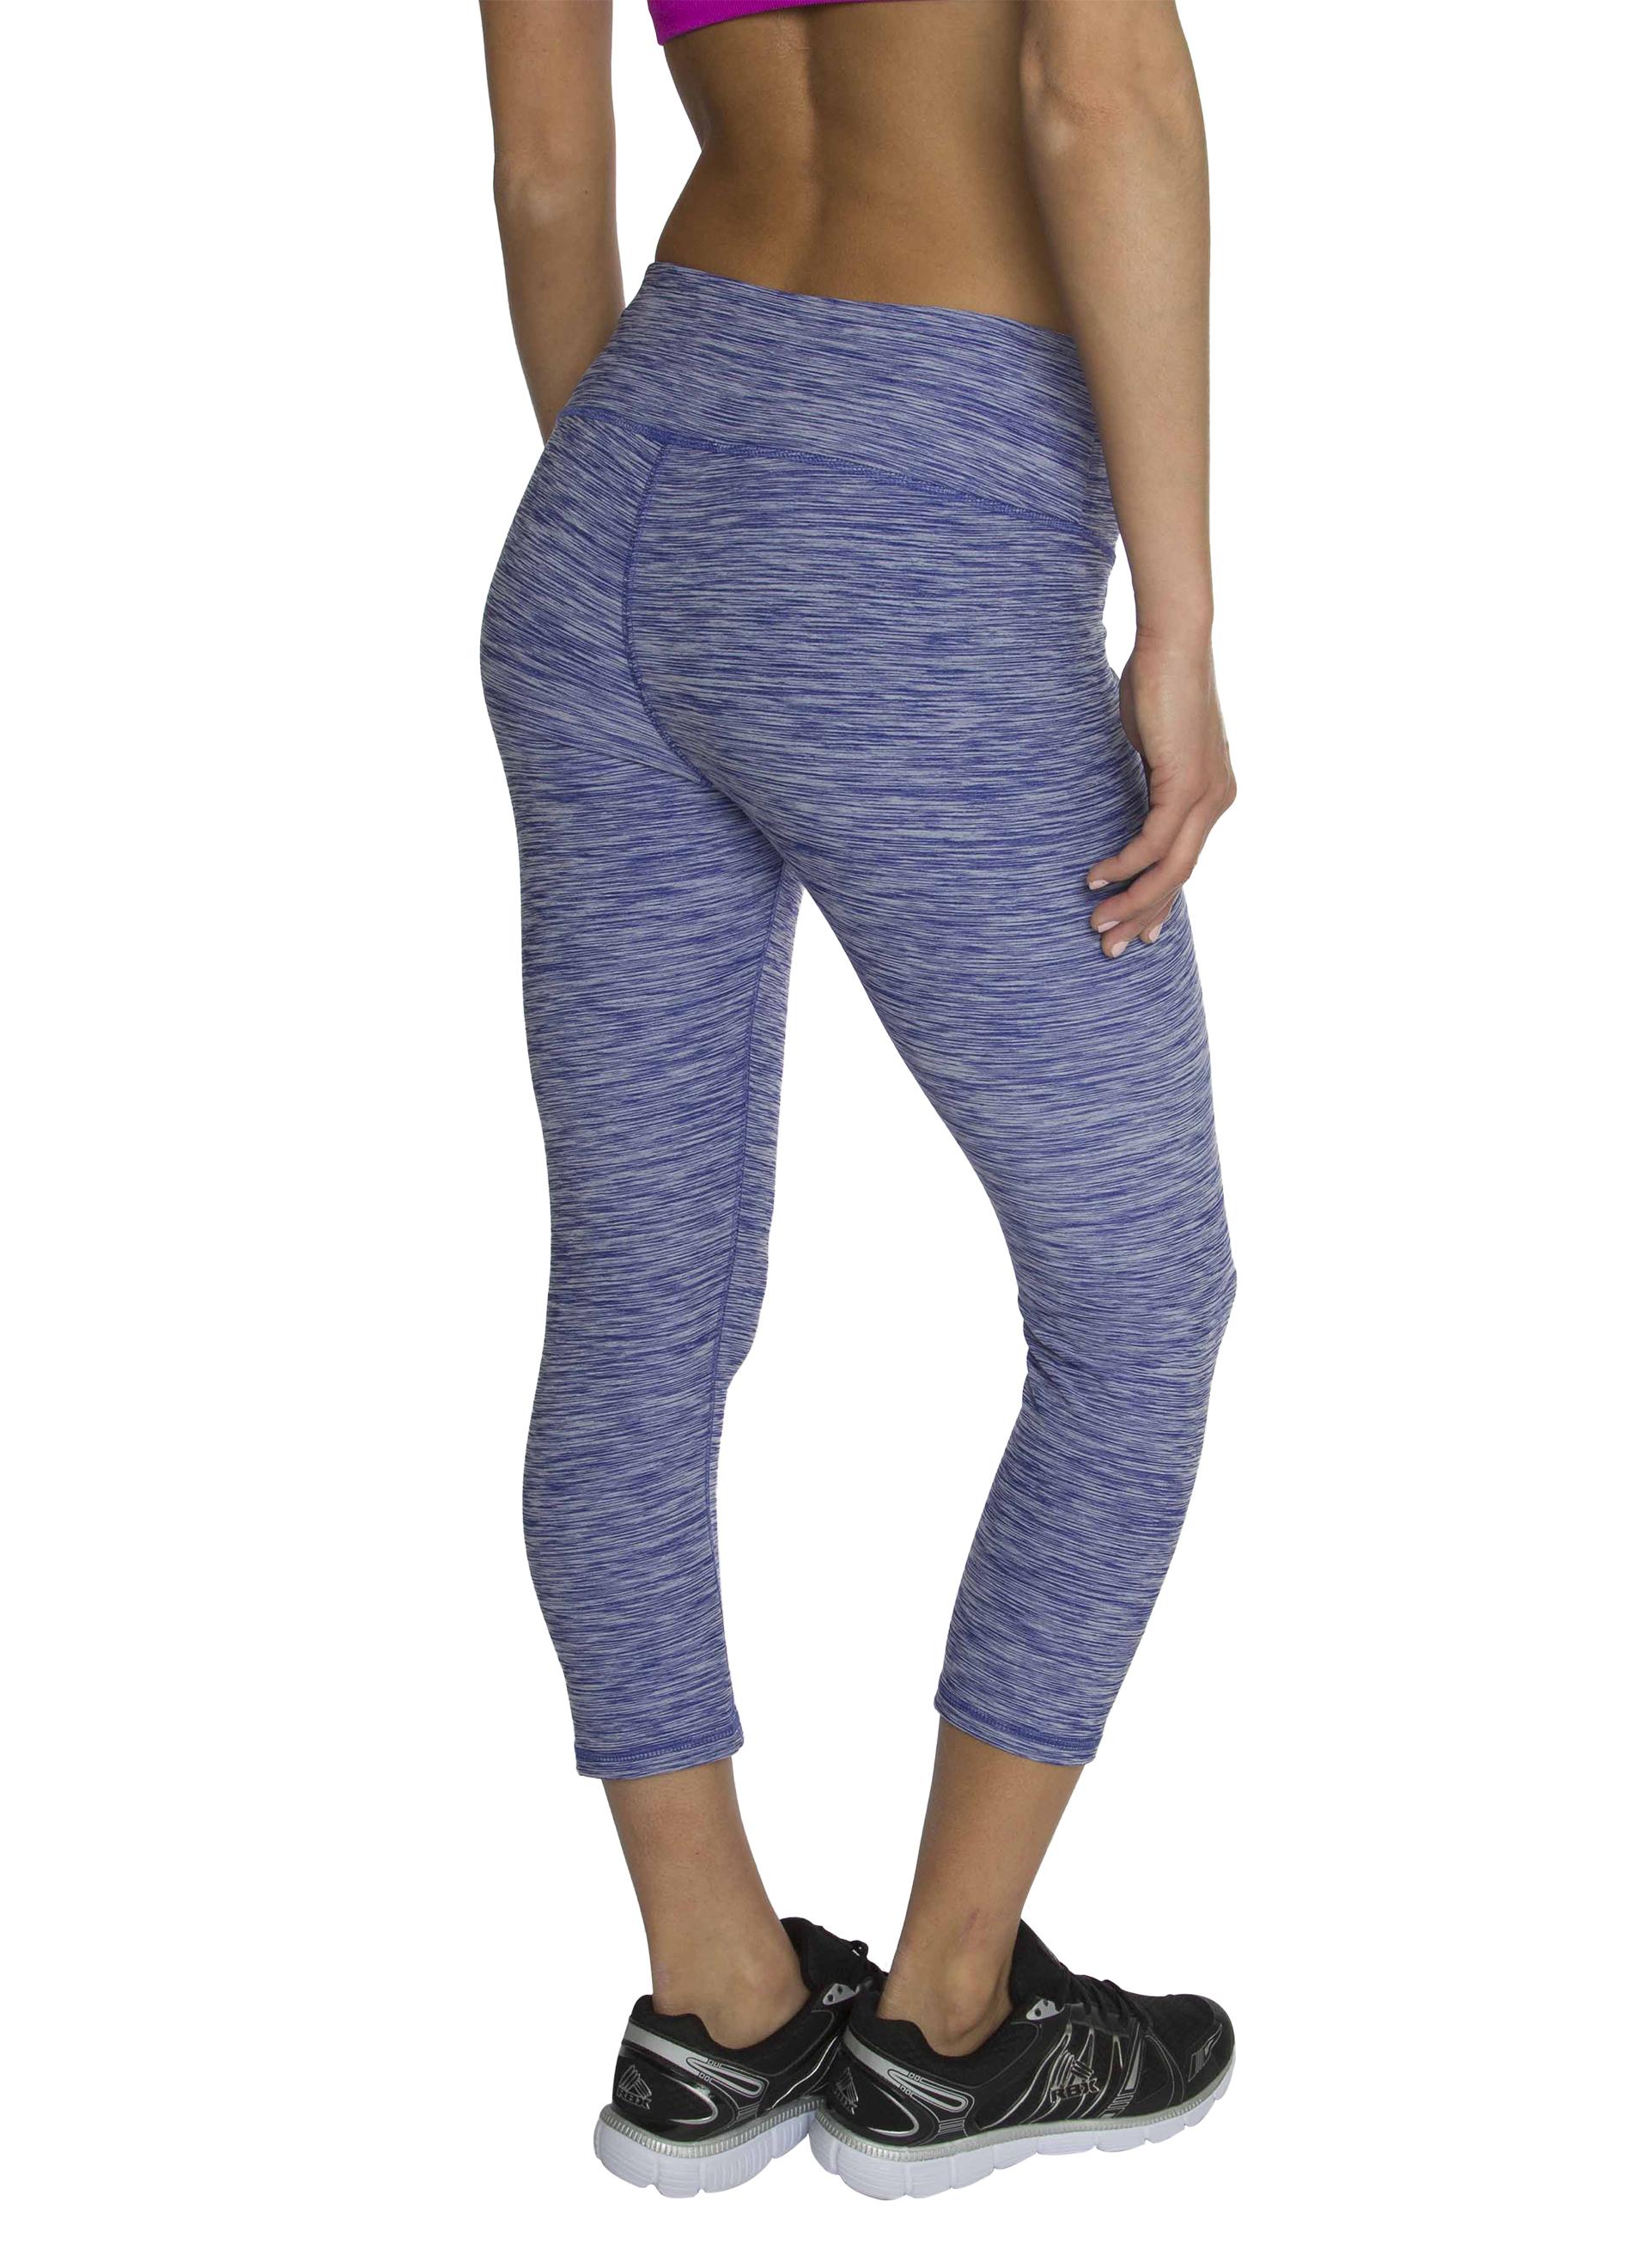 RBX Active Womenu0026#39;s Seasonal Printed Capri Length Yoga Leggings | eBay